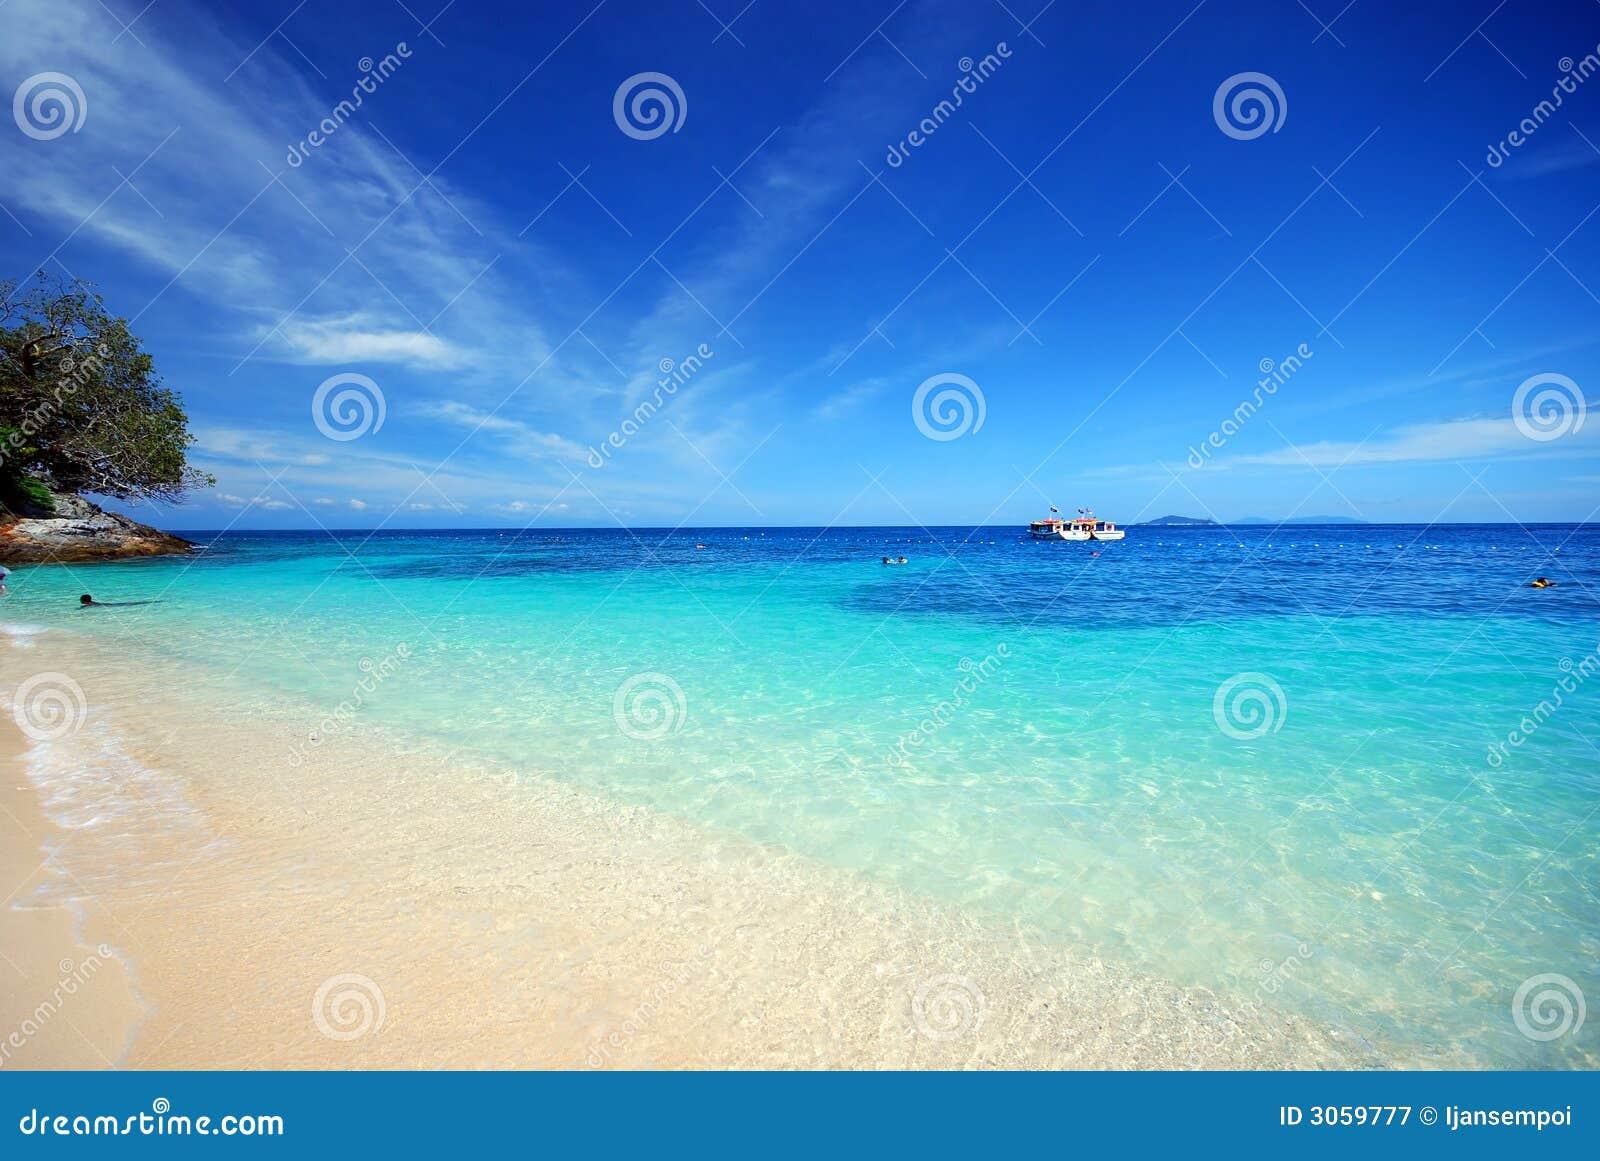 Beach panaroma